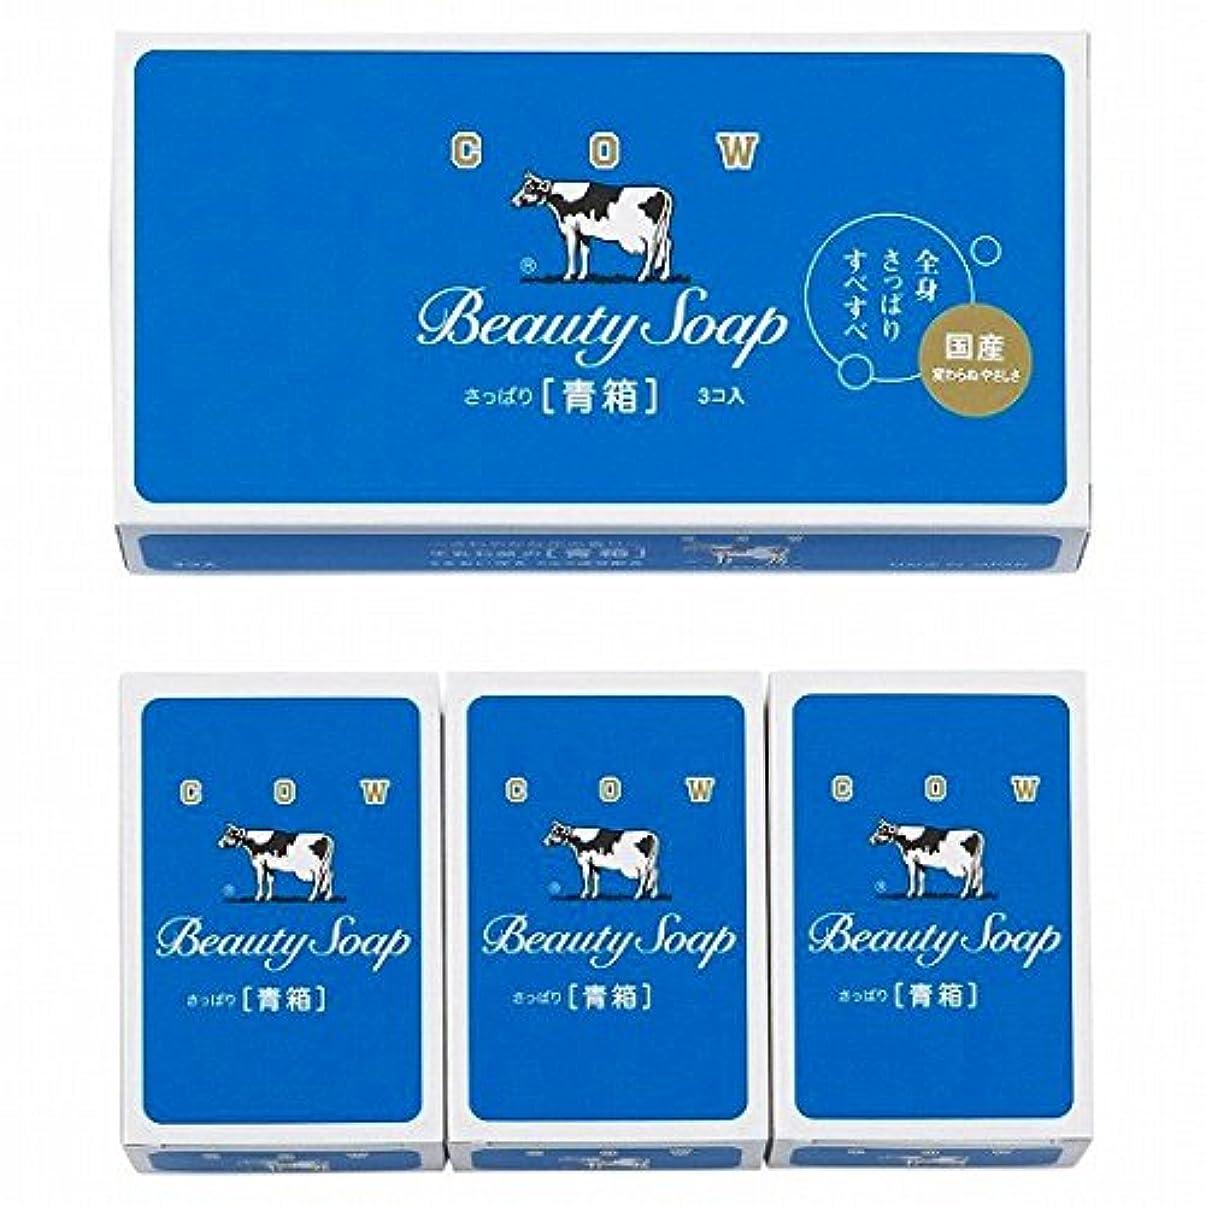 スクラブまつげサイクロプスnobrand 牛乳石鹸 カウブランド青箱3入(B17-033)